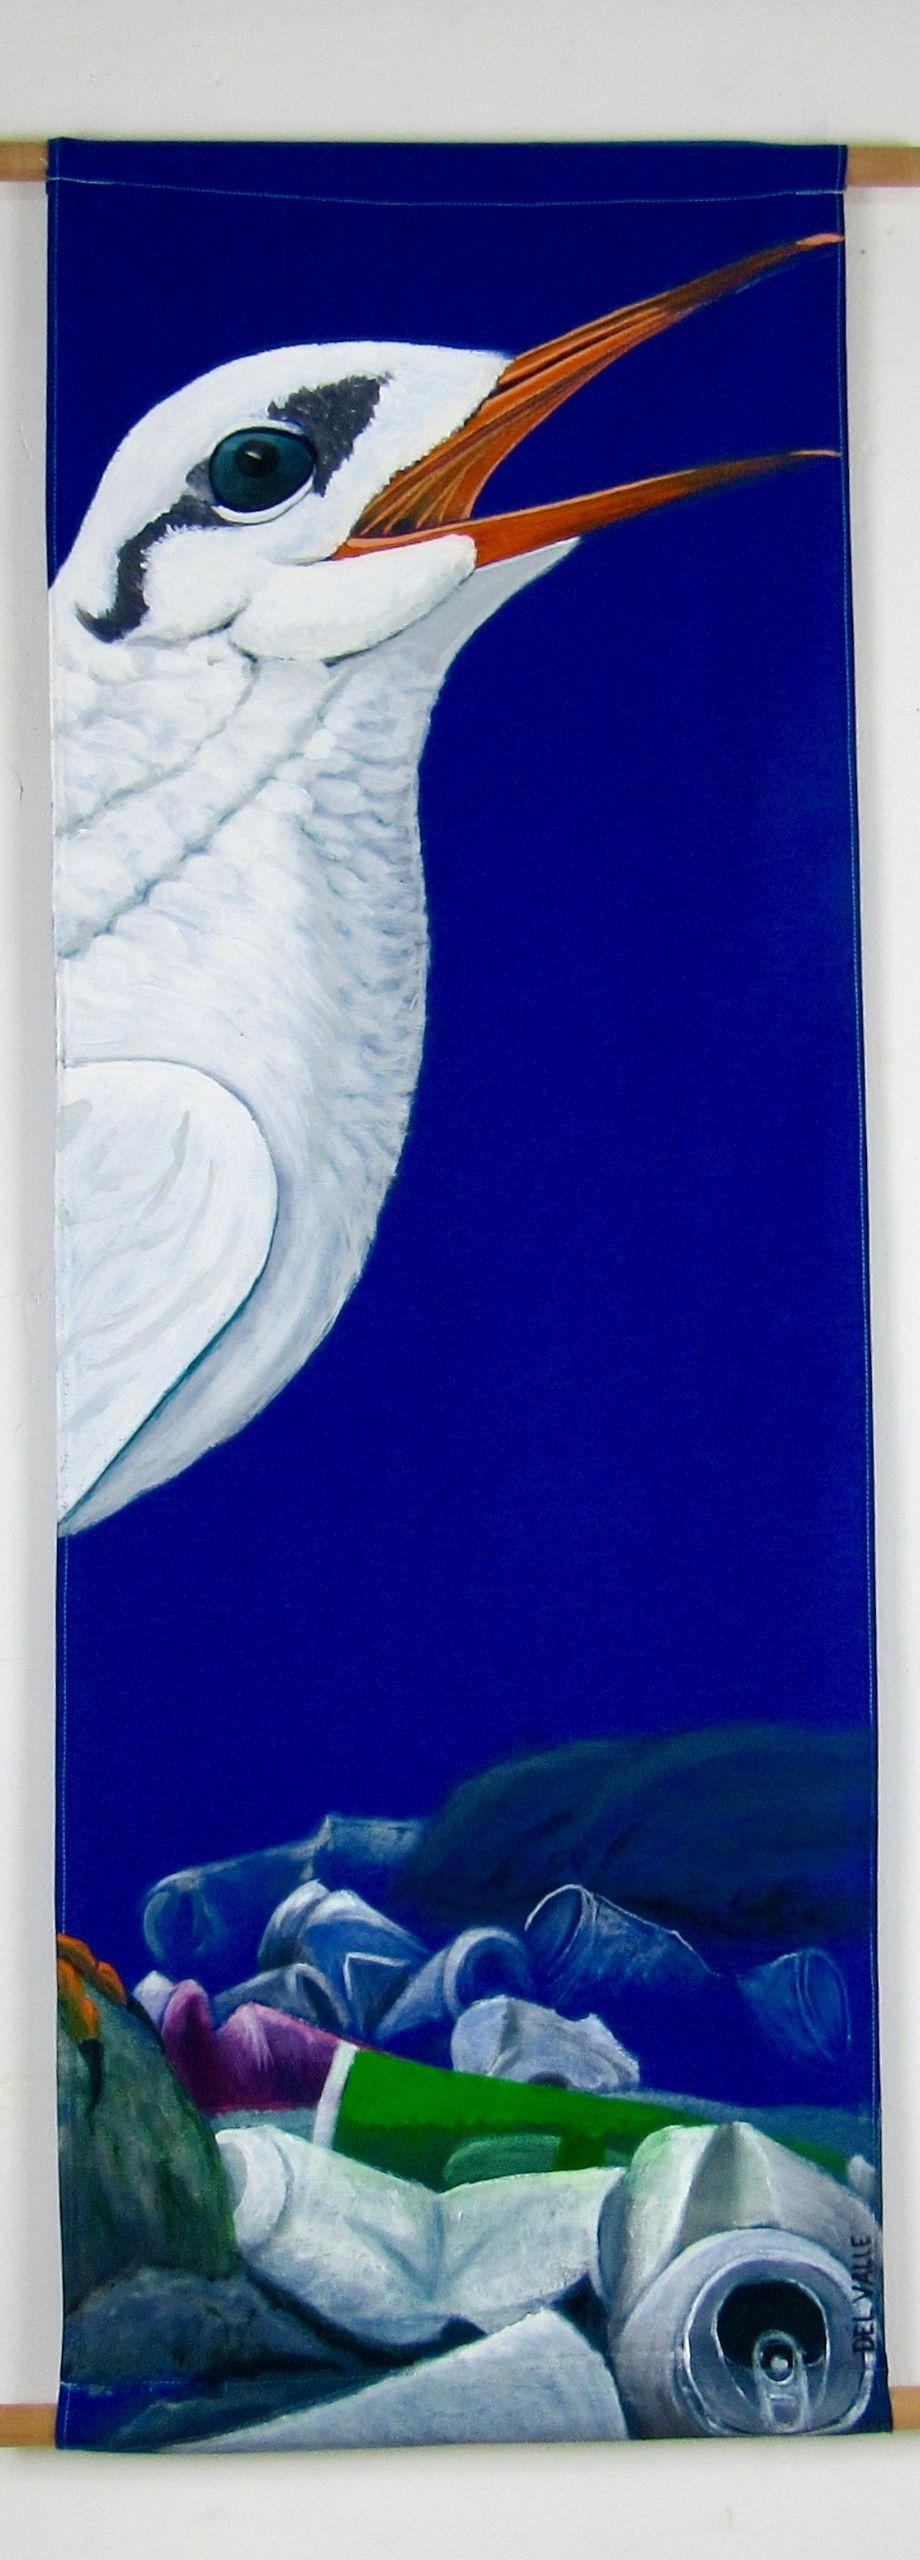 GAVIOTIN PIQUERITO (135 X 45 CM)